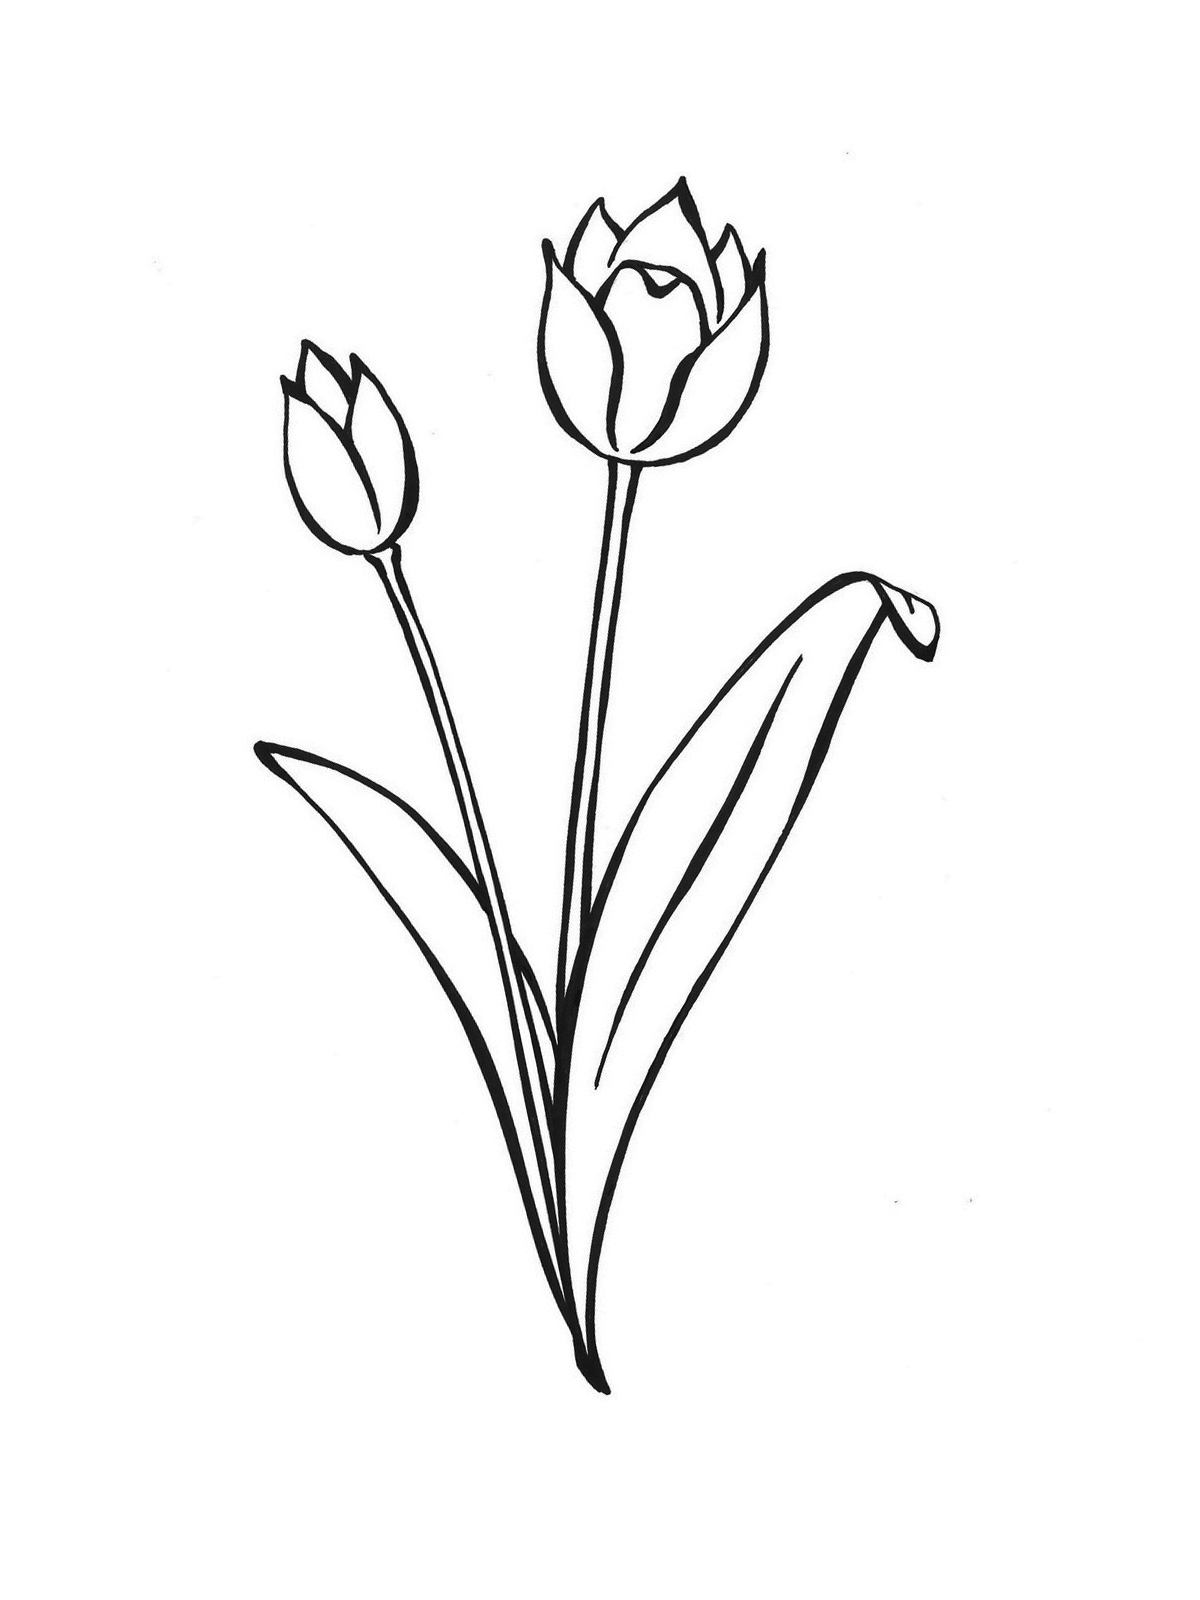 Ausmalbilder Malvorlagen von Frühling kostenlos zum